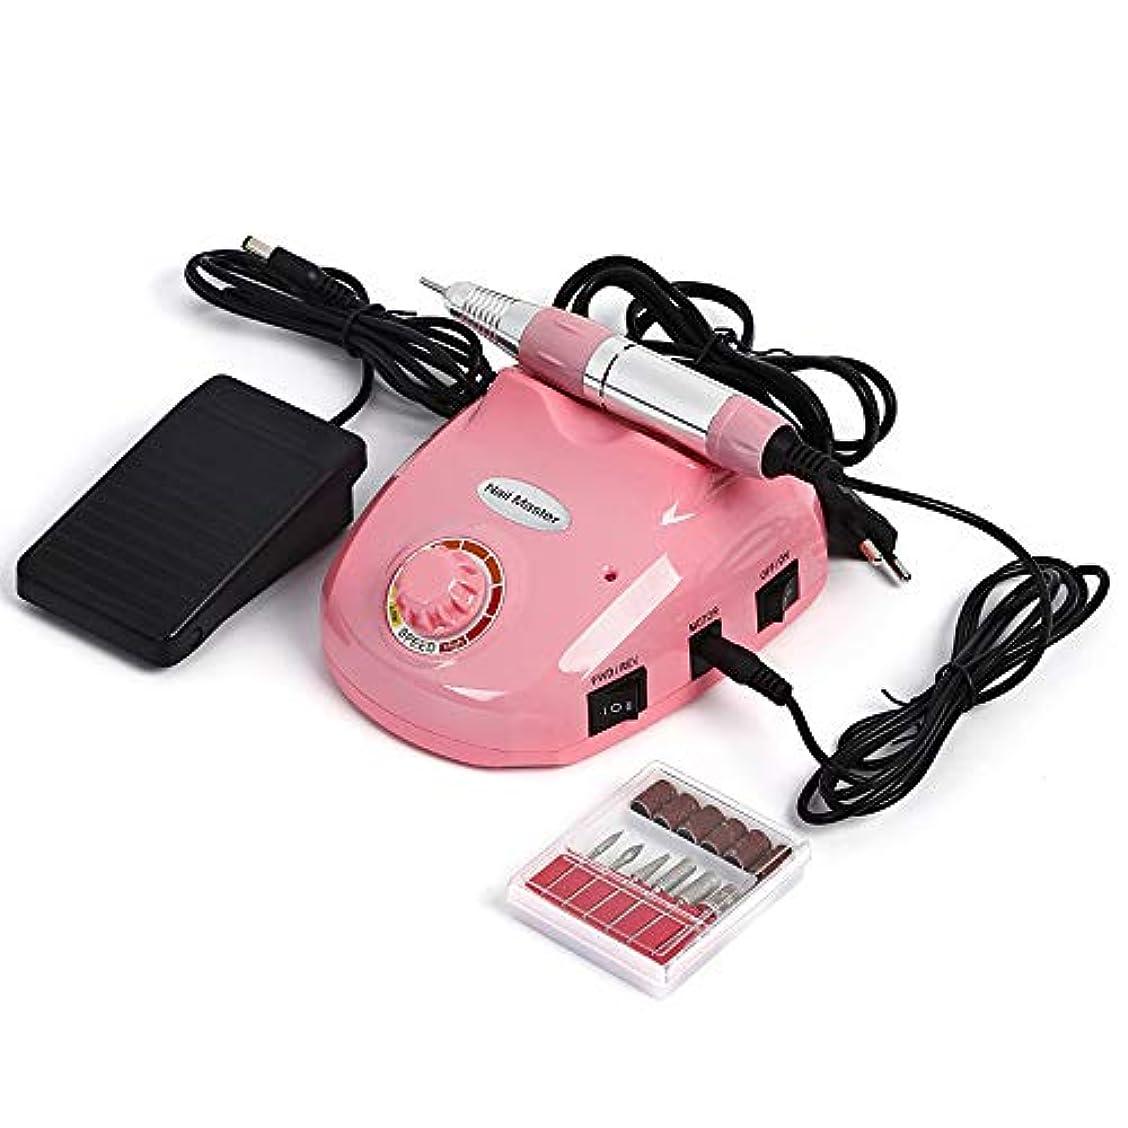 ピストルオーブン愛されし者電動ネイルドリル、アクリルネイル用のプロフェッショナルネイルドリルジェルネイルグレイジングネイルドリルネイルアートポリッシャーセットグレイジングネイルドリルファストマニキュアペディキュア,Pink